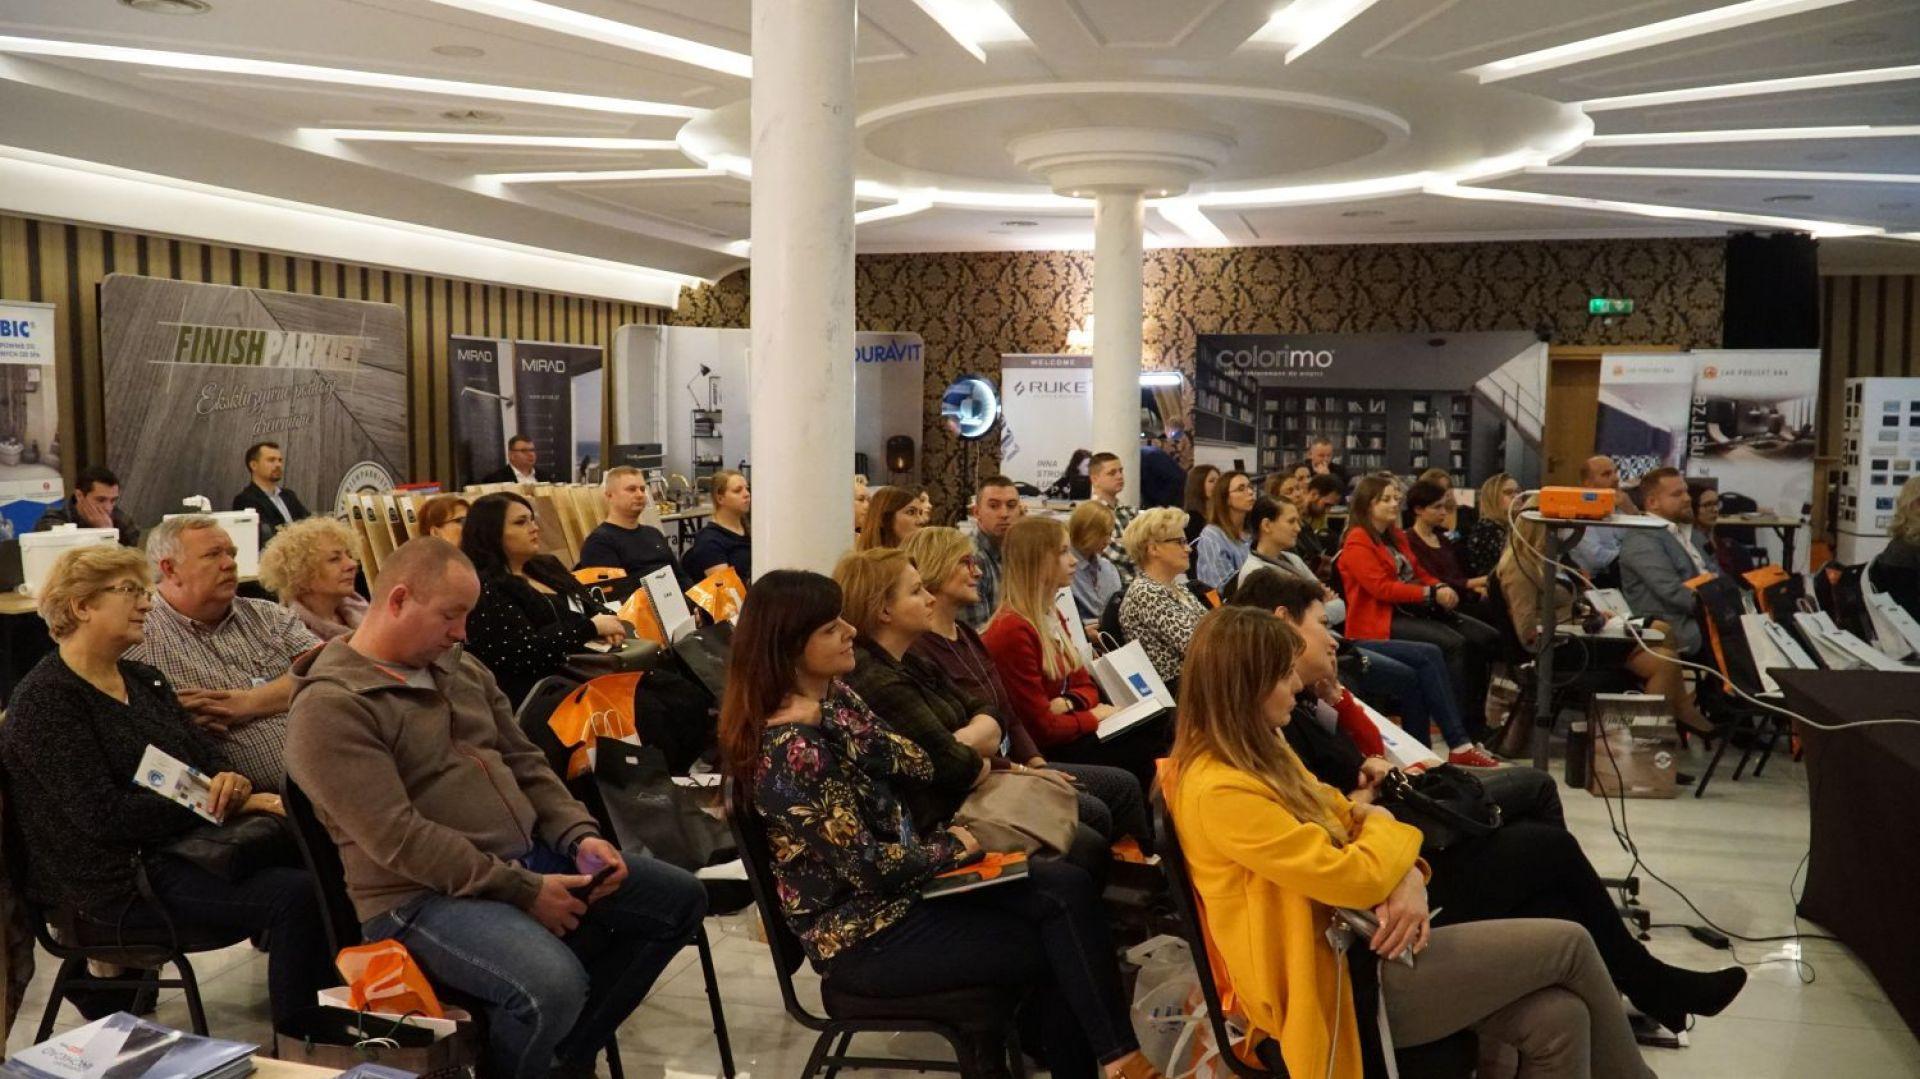 Ponad 80 osób uczestniczyło w spotkaniu Studia Dobrych Rozwiązań w Radomiu.